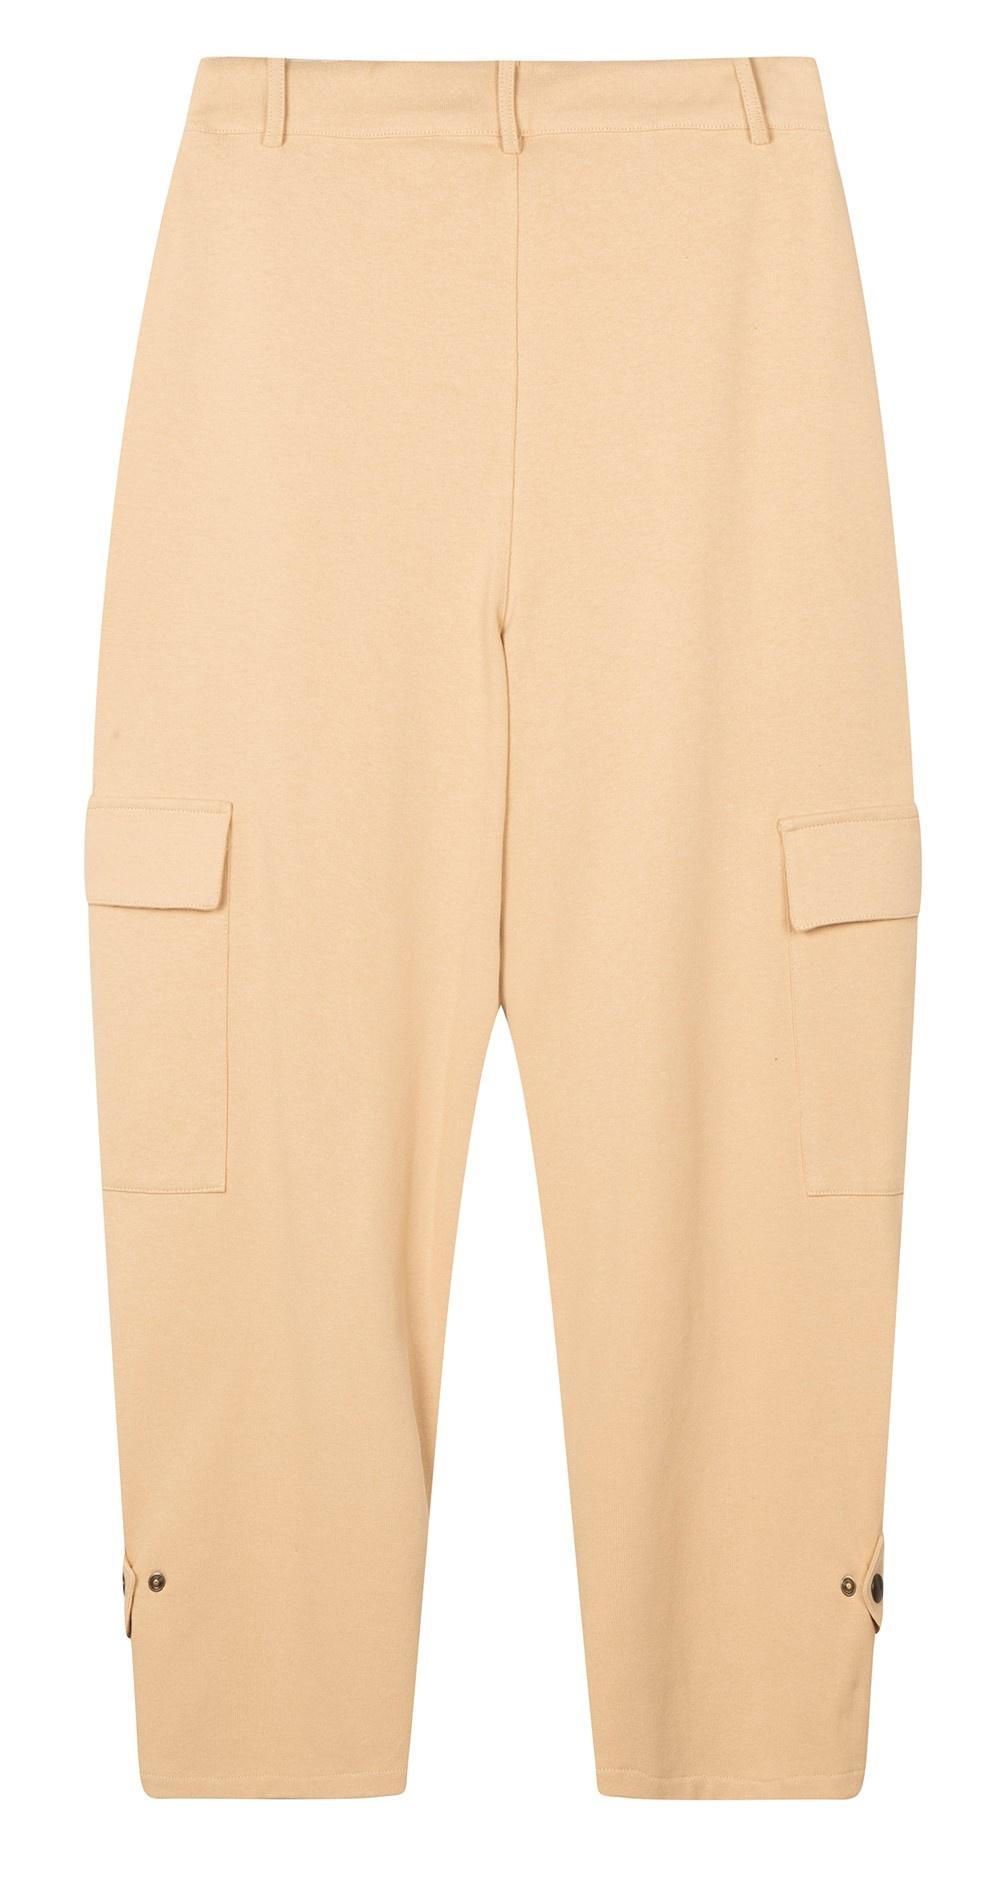 Broek Utility pants soft beige-4